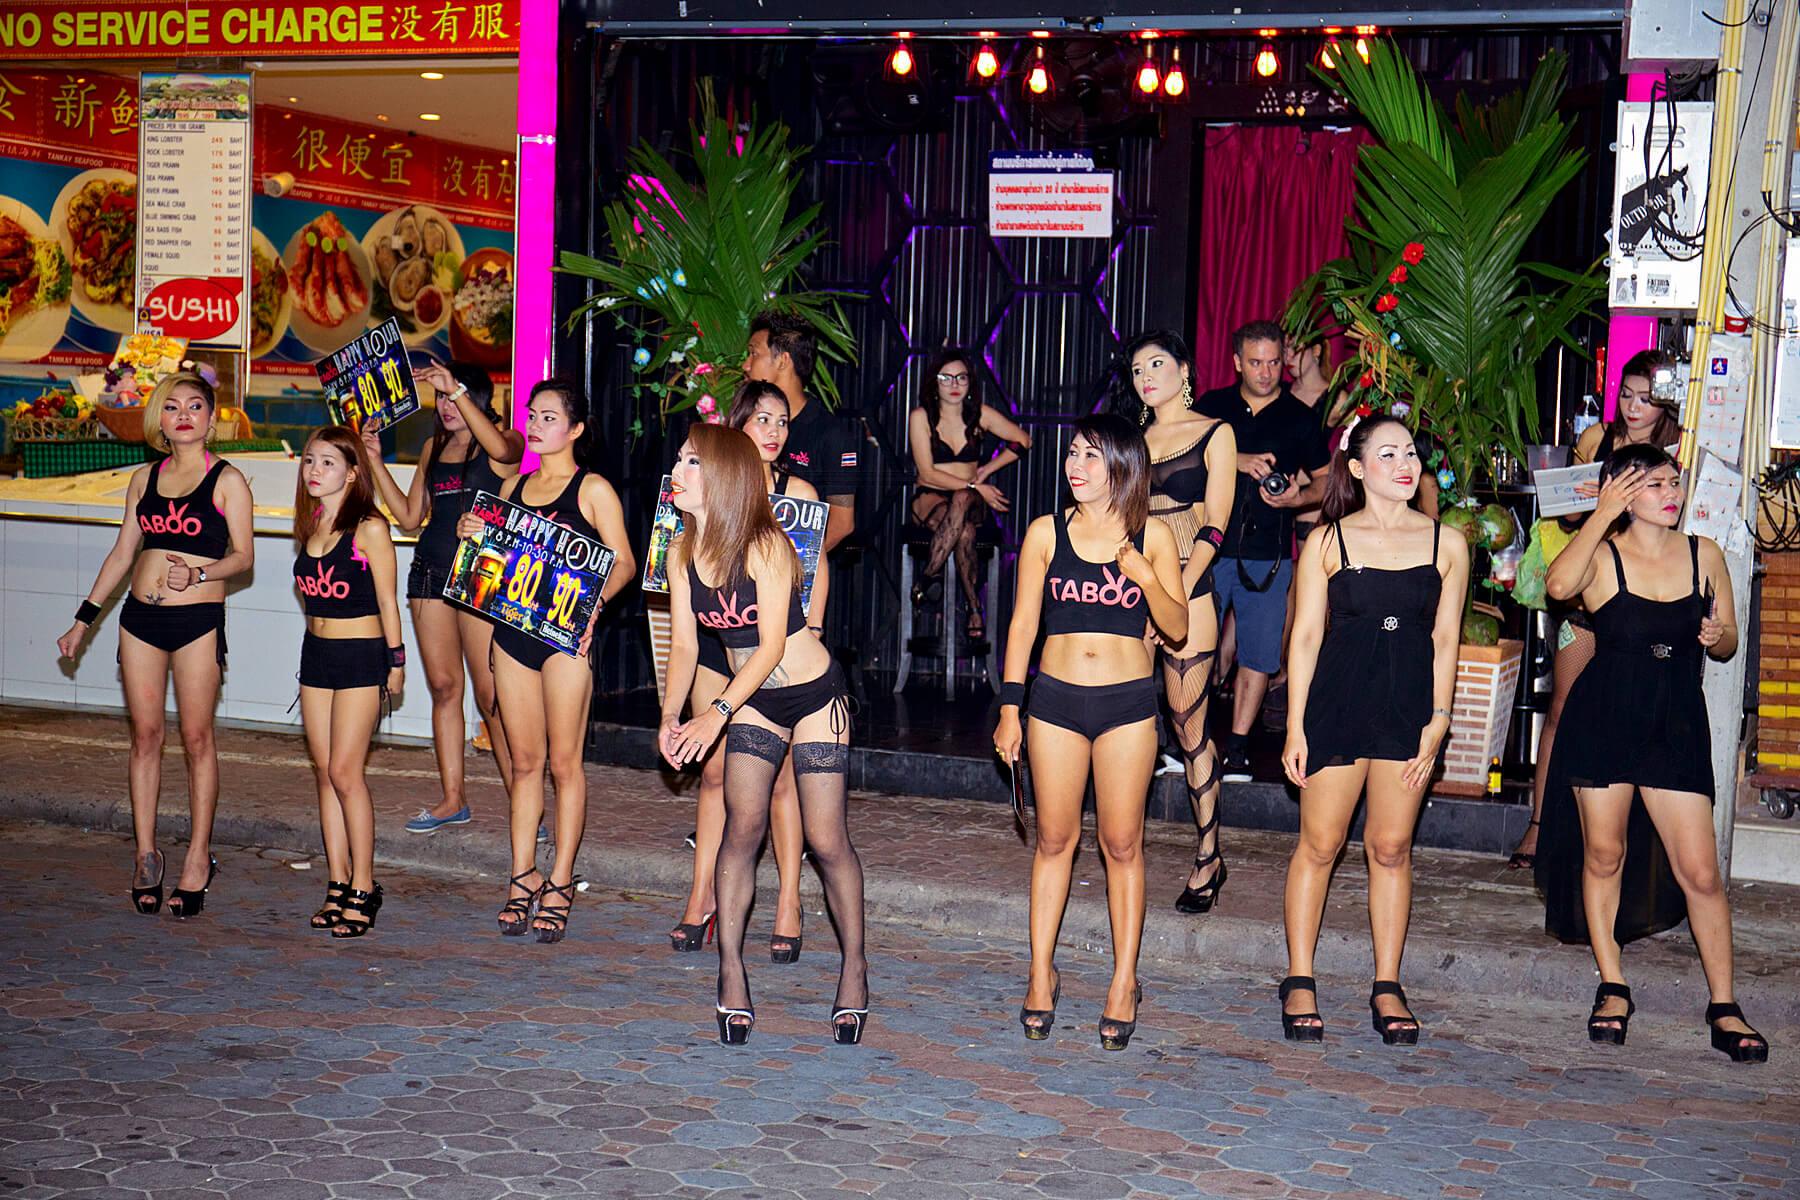 В Таиланде проституция официально запрещена